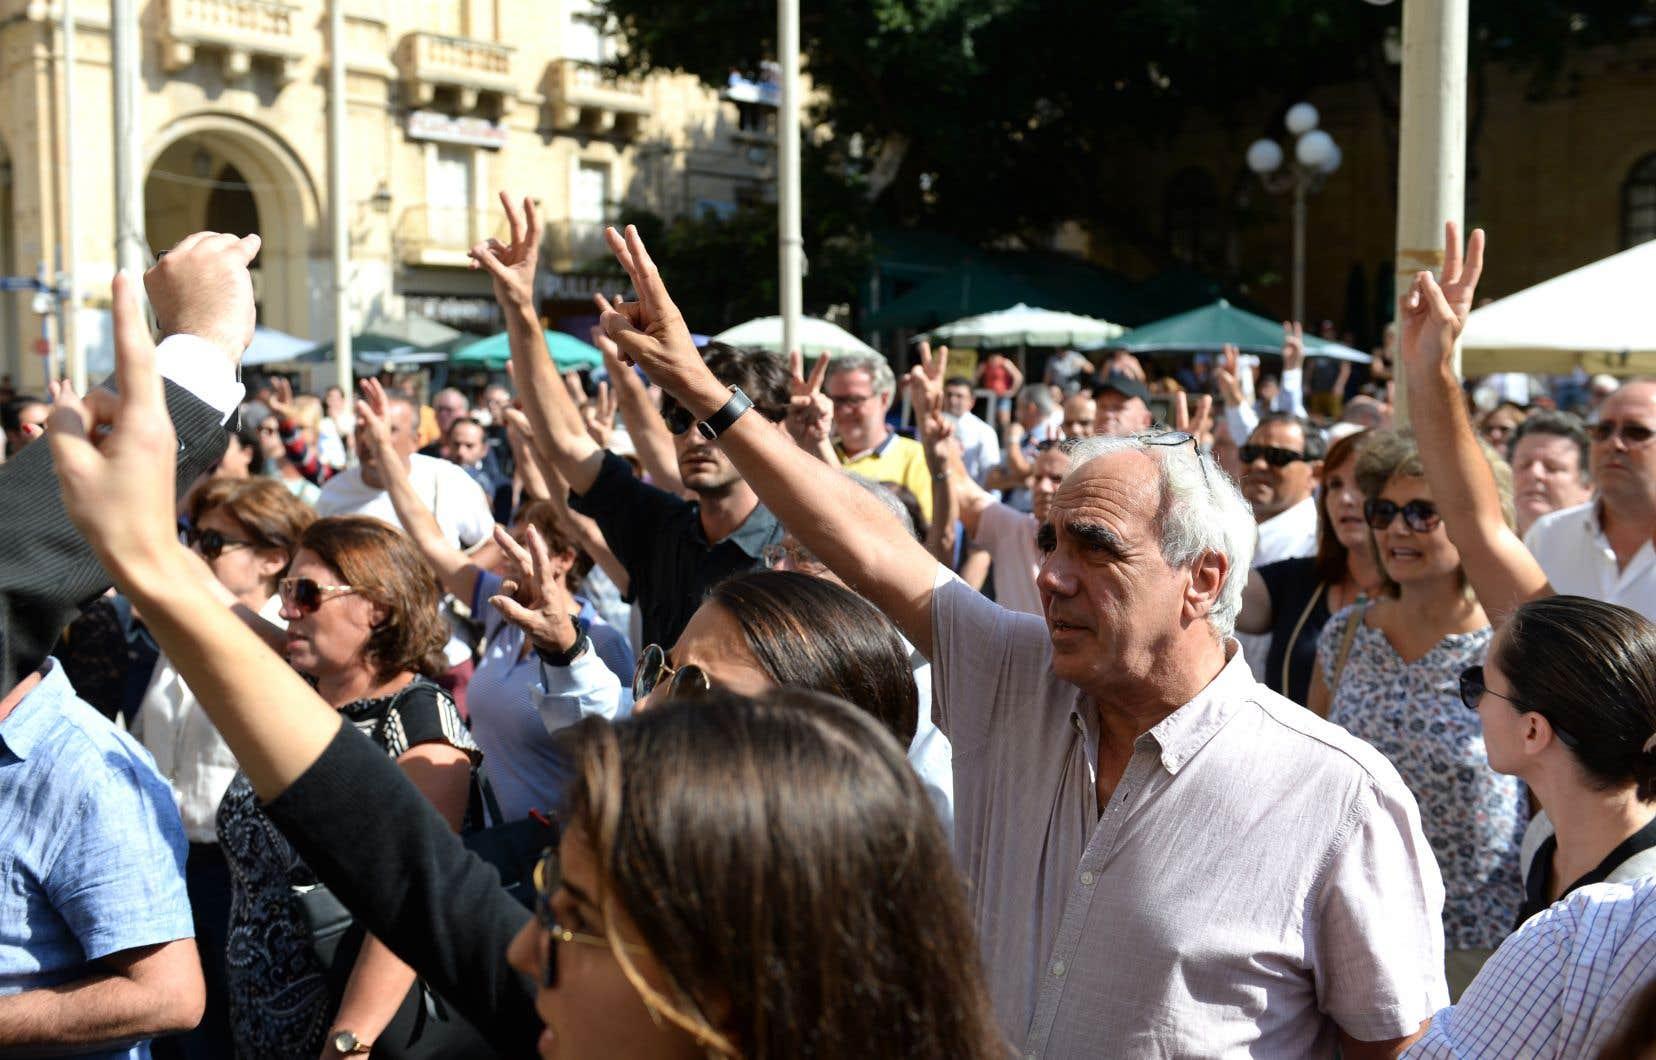 Des personnes se sont rassemblées devant le tribunal de La Valette, à Malte, pour réclamer justice à la suite de l'assassinat de la journaliste Daphné Caruana Galizia.